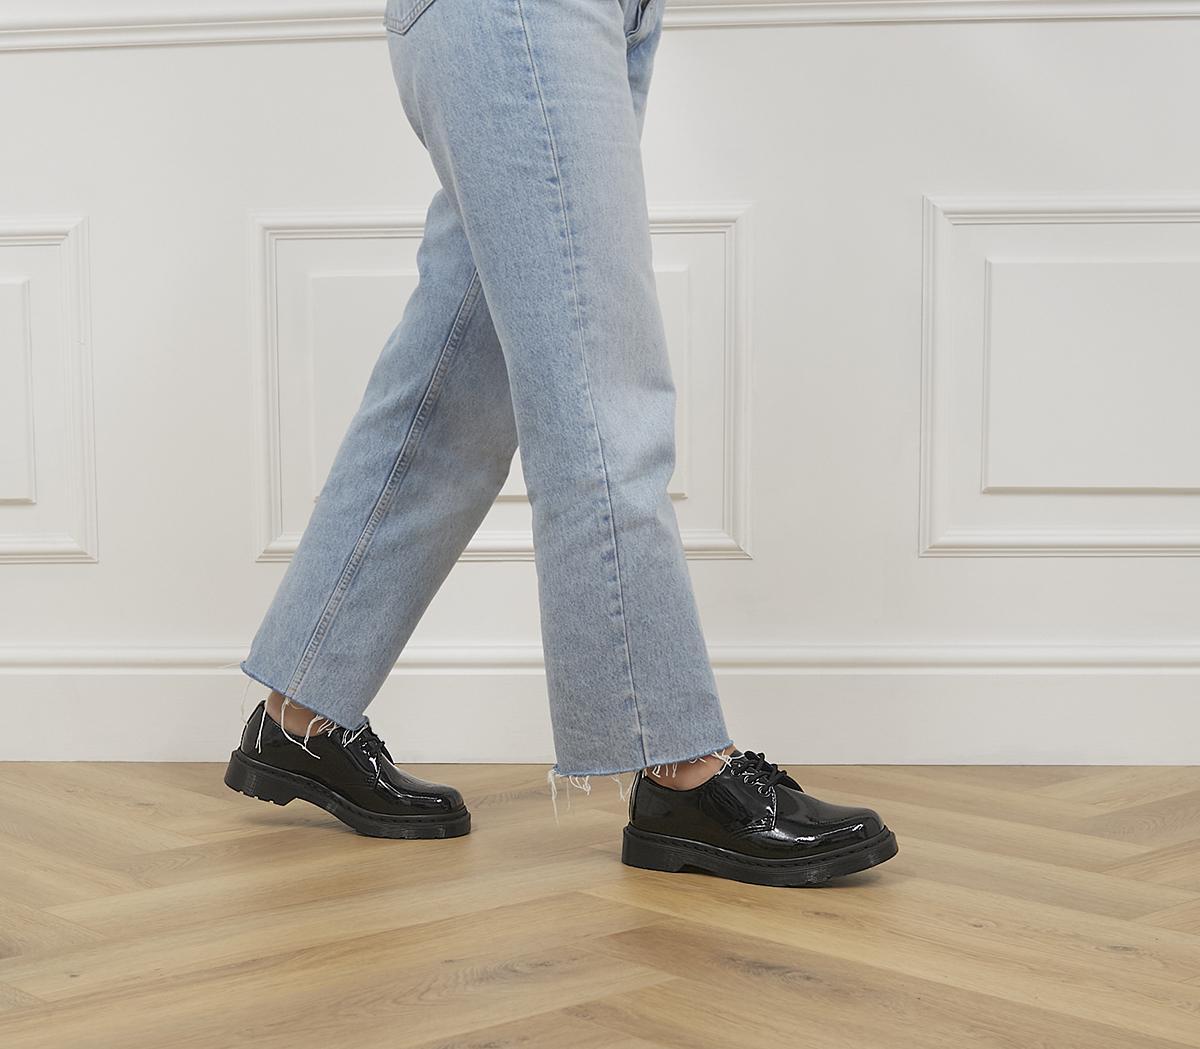 1461 3 Eyelet Lace Up Shoes